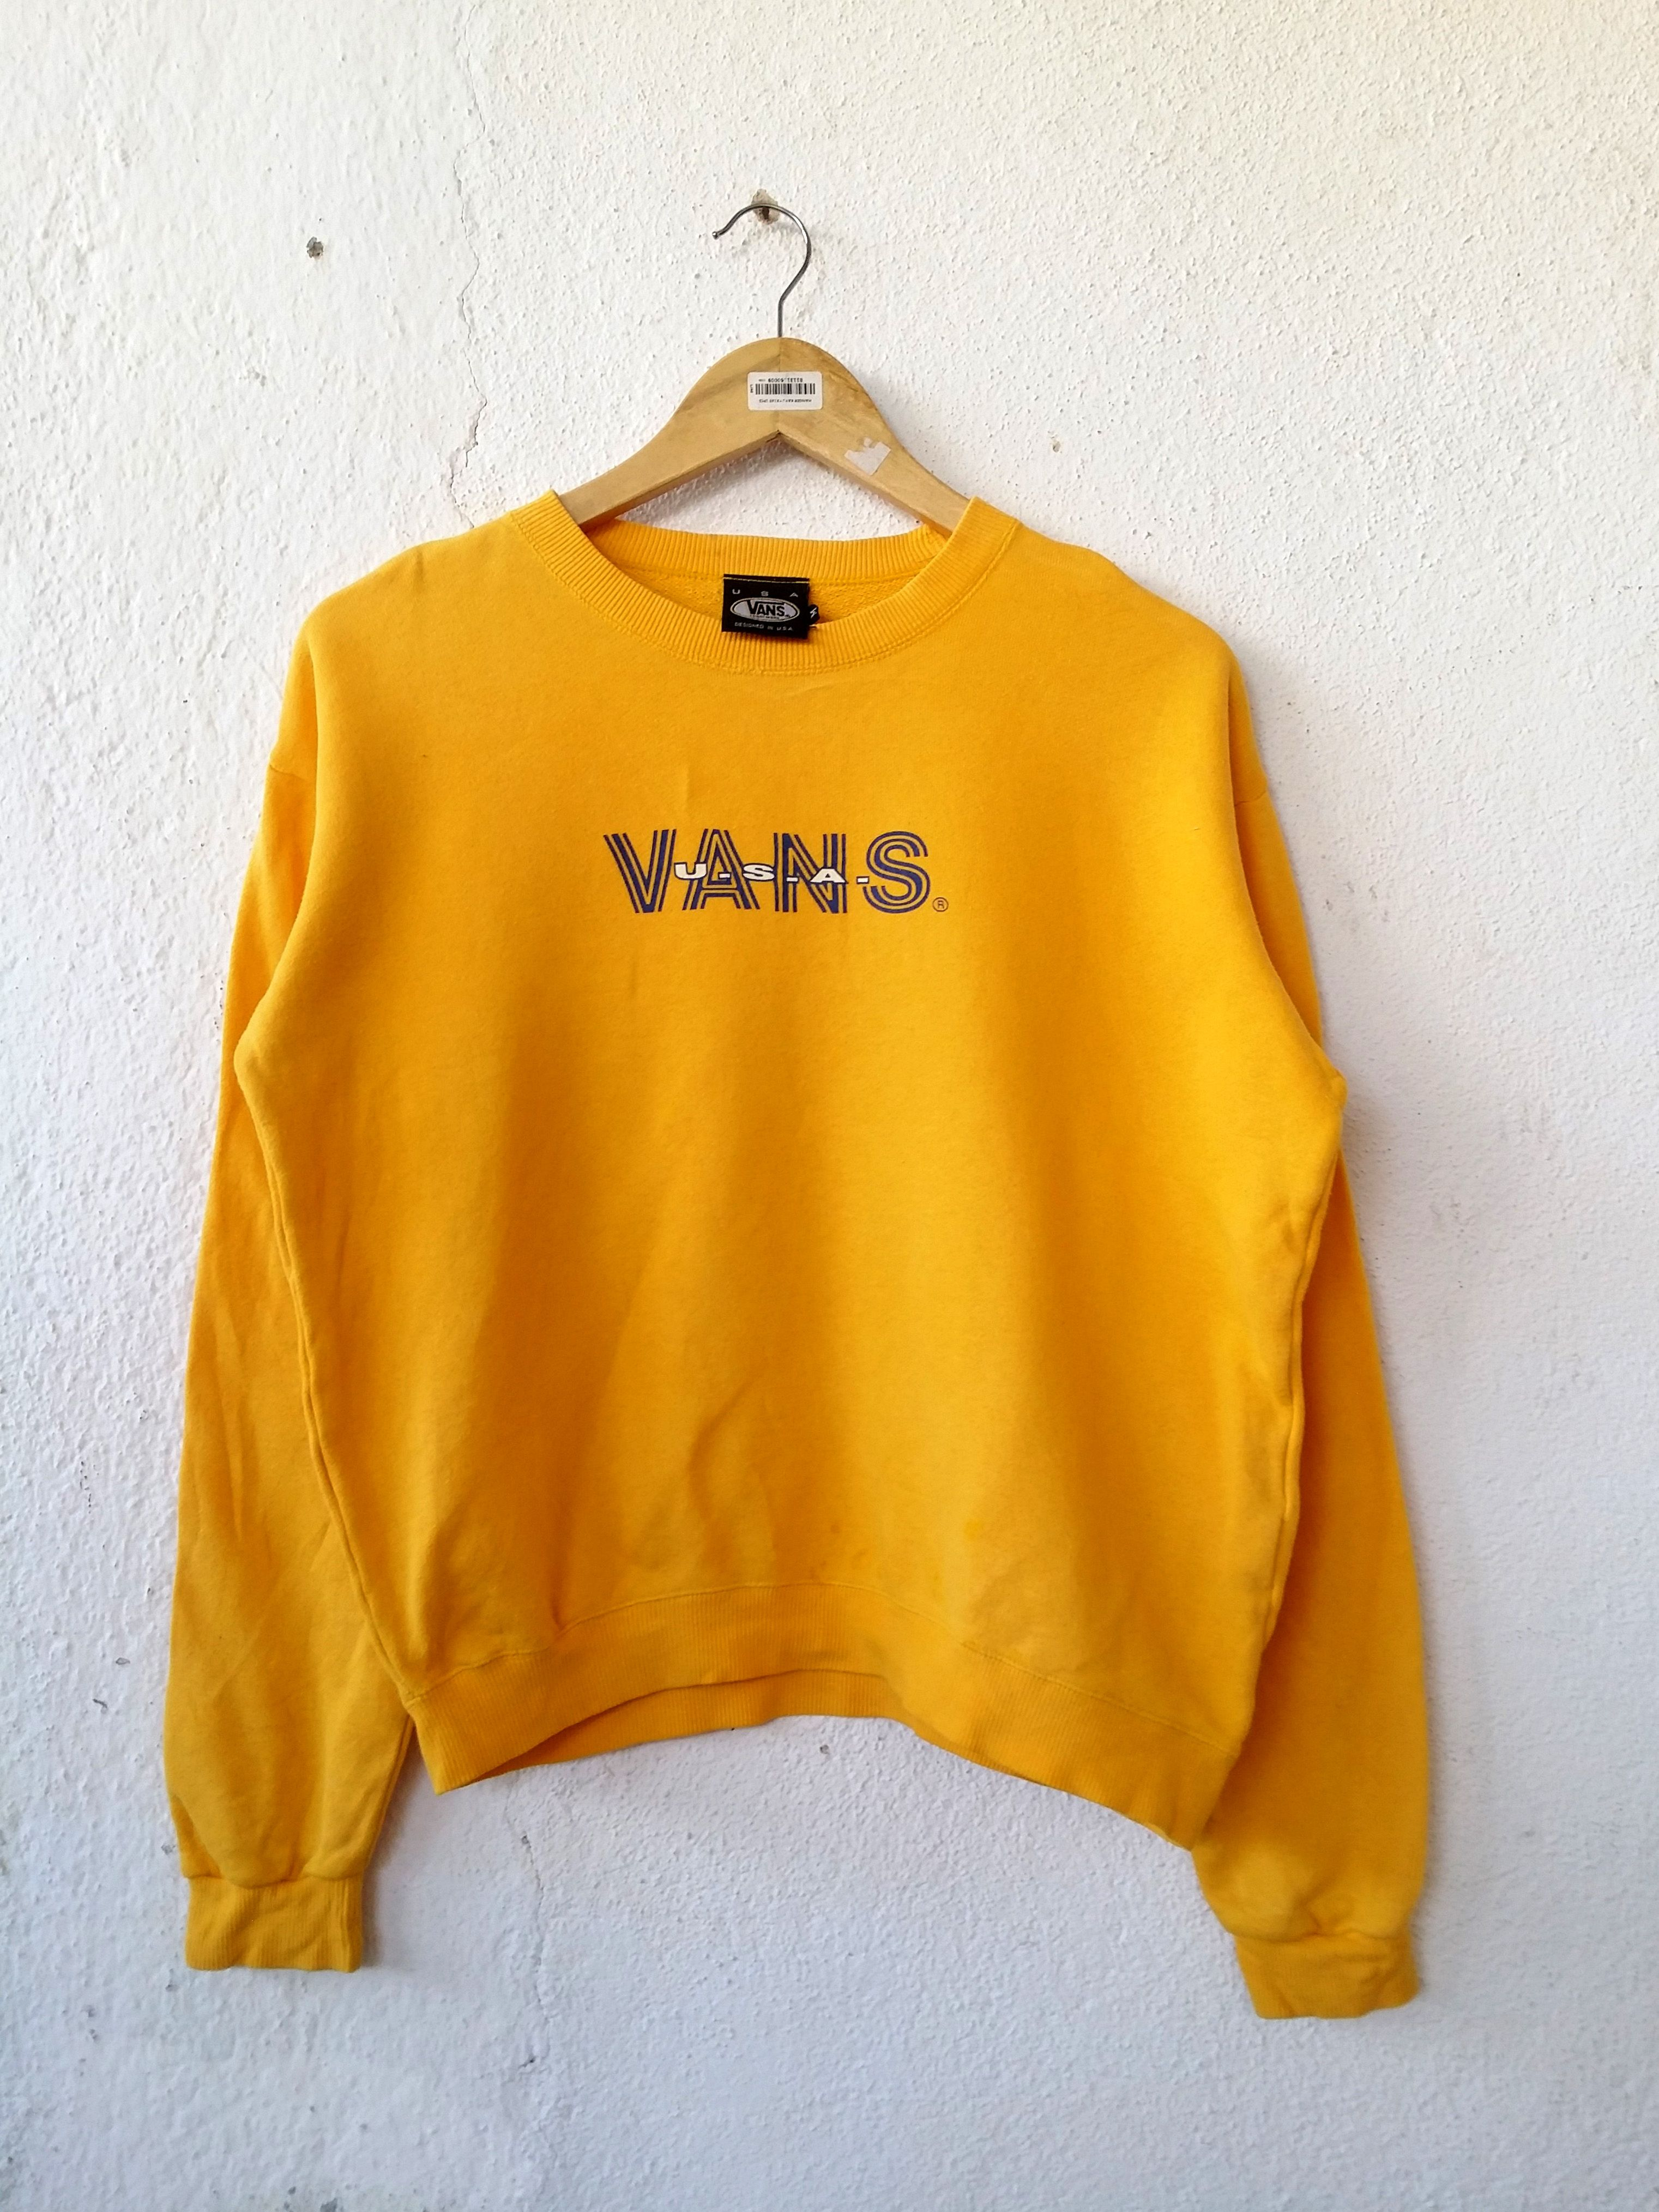 d9210c4fd66b Vans Sweatshirt Women USA Jumper Pullover Size M